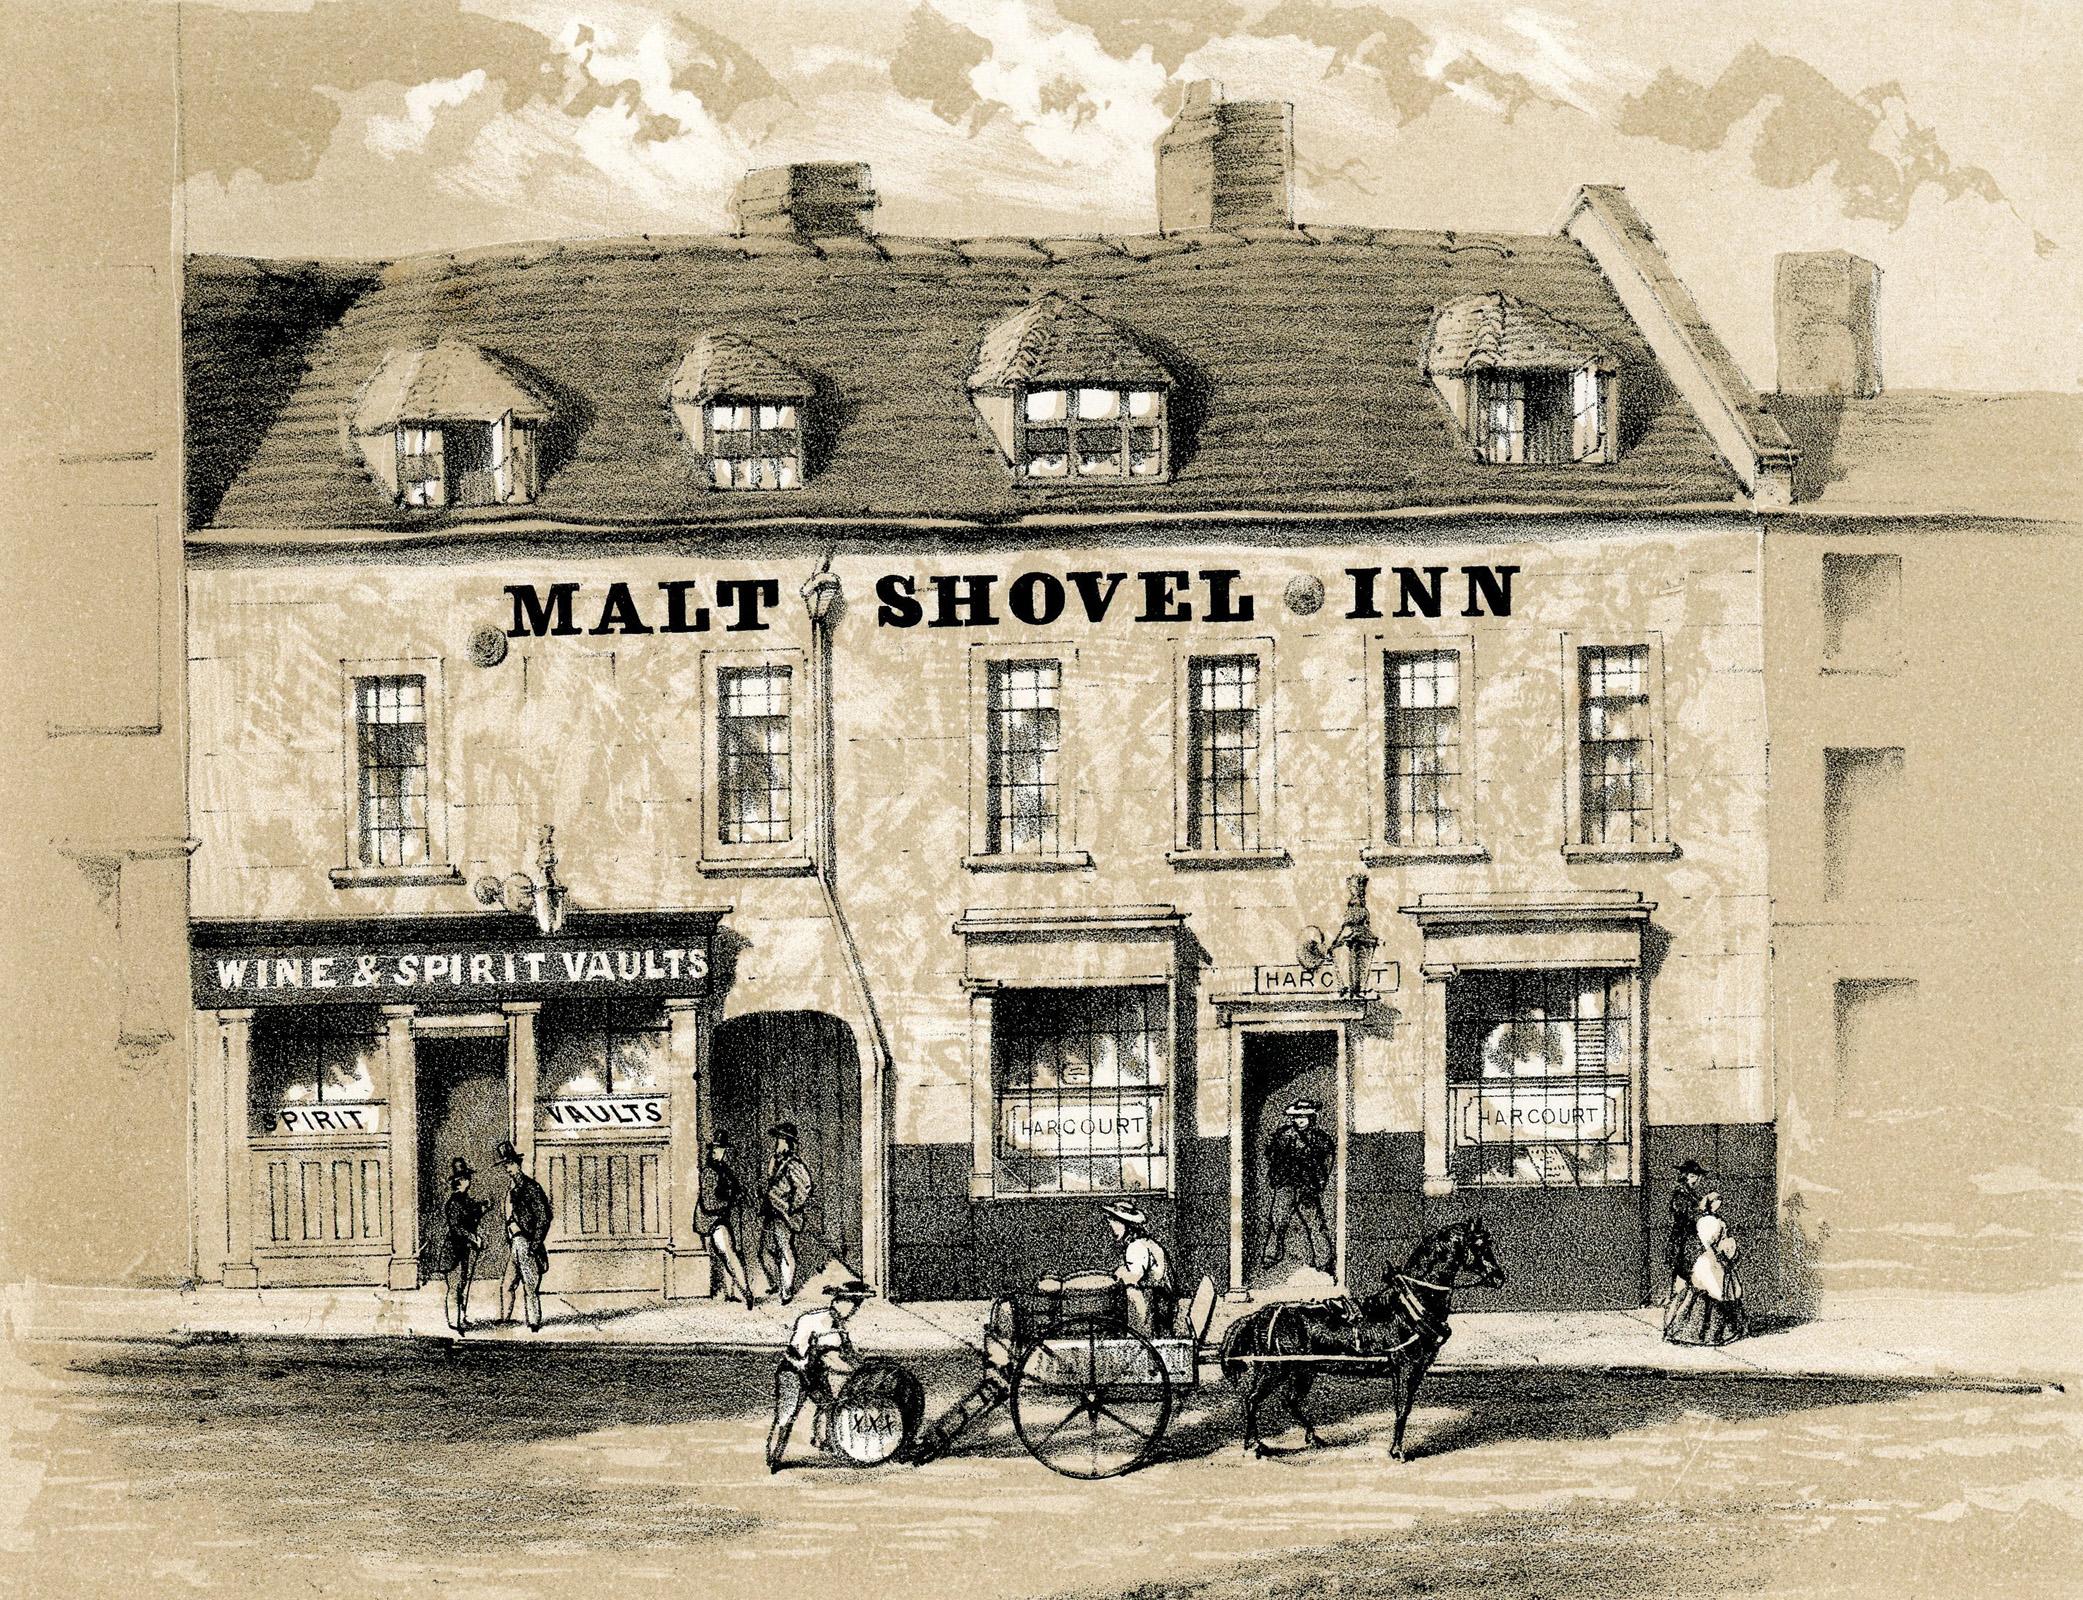 Malt Shovel Inn Smallbrook St - 1869